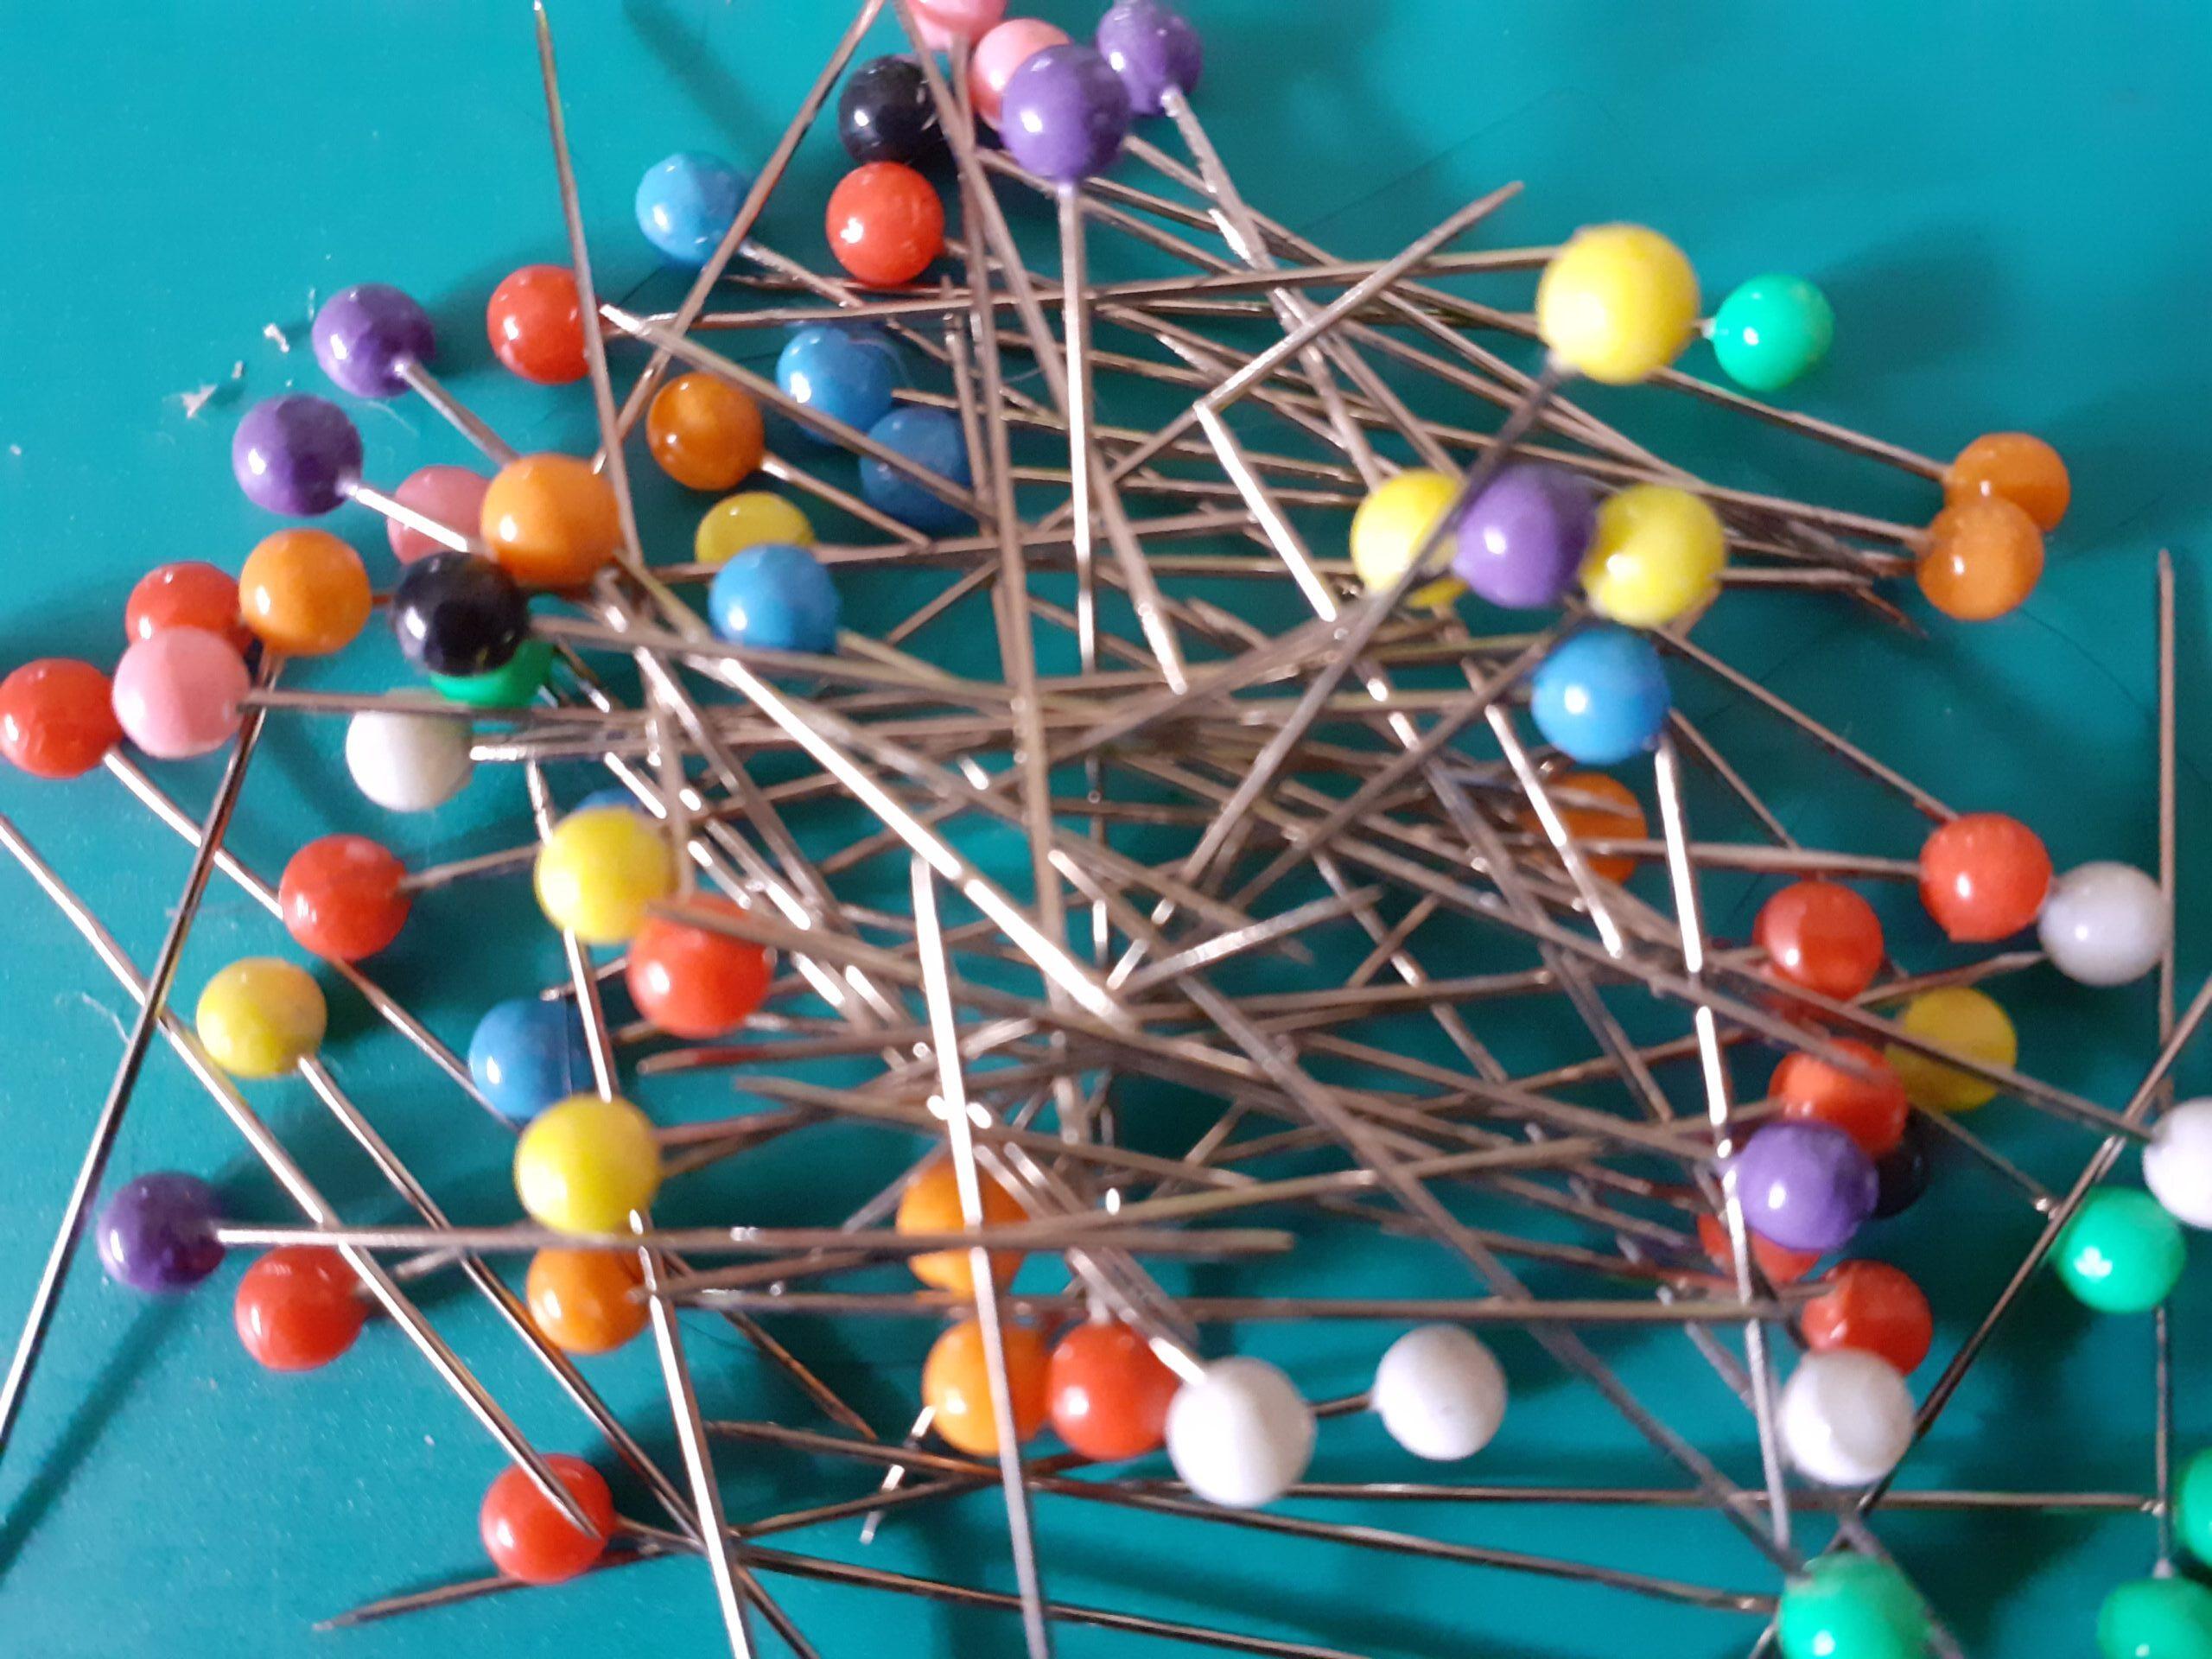 spilli colorati a simboleggiare obiettivi di arteterapia